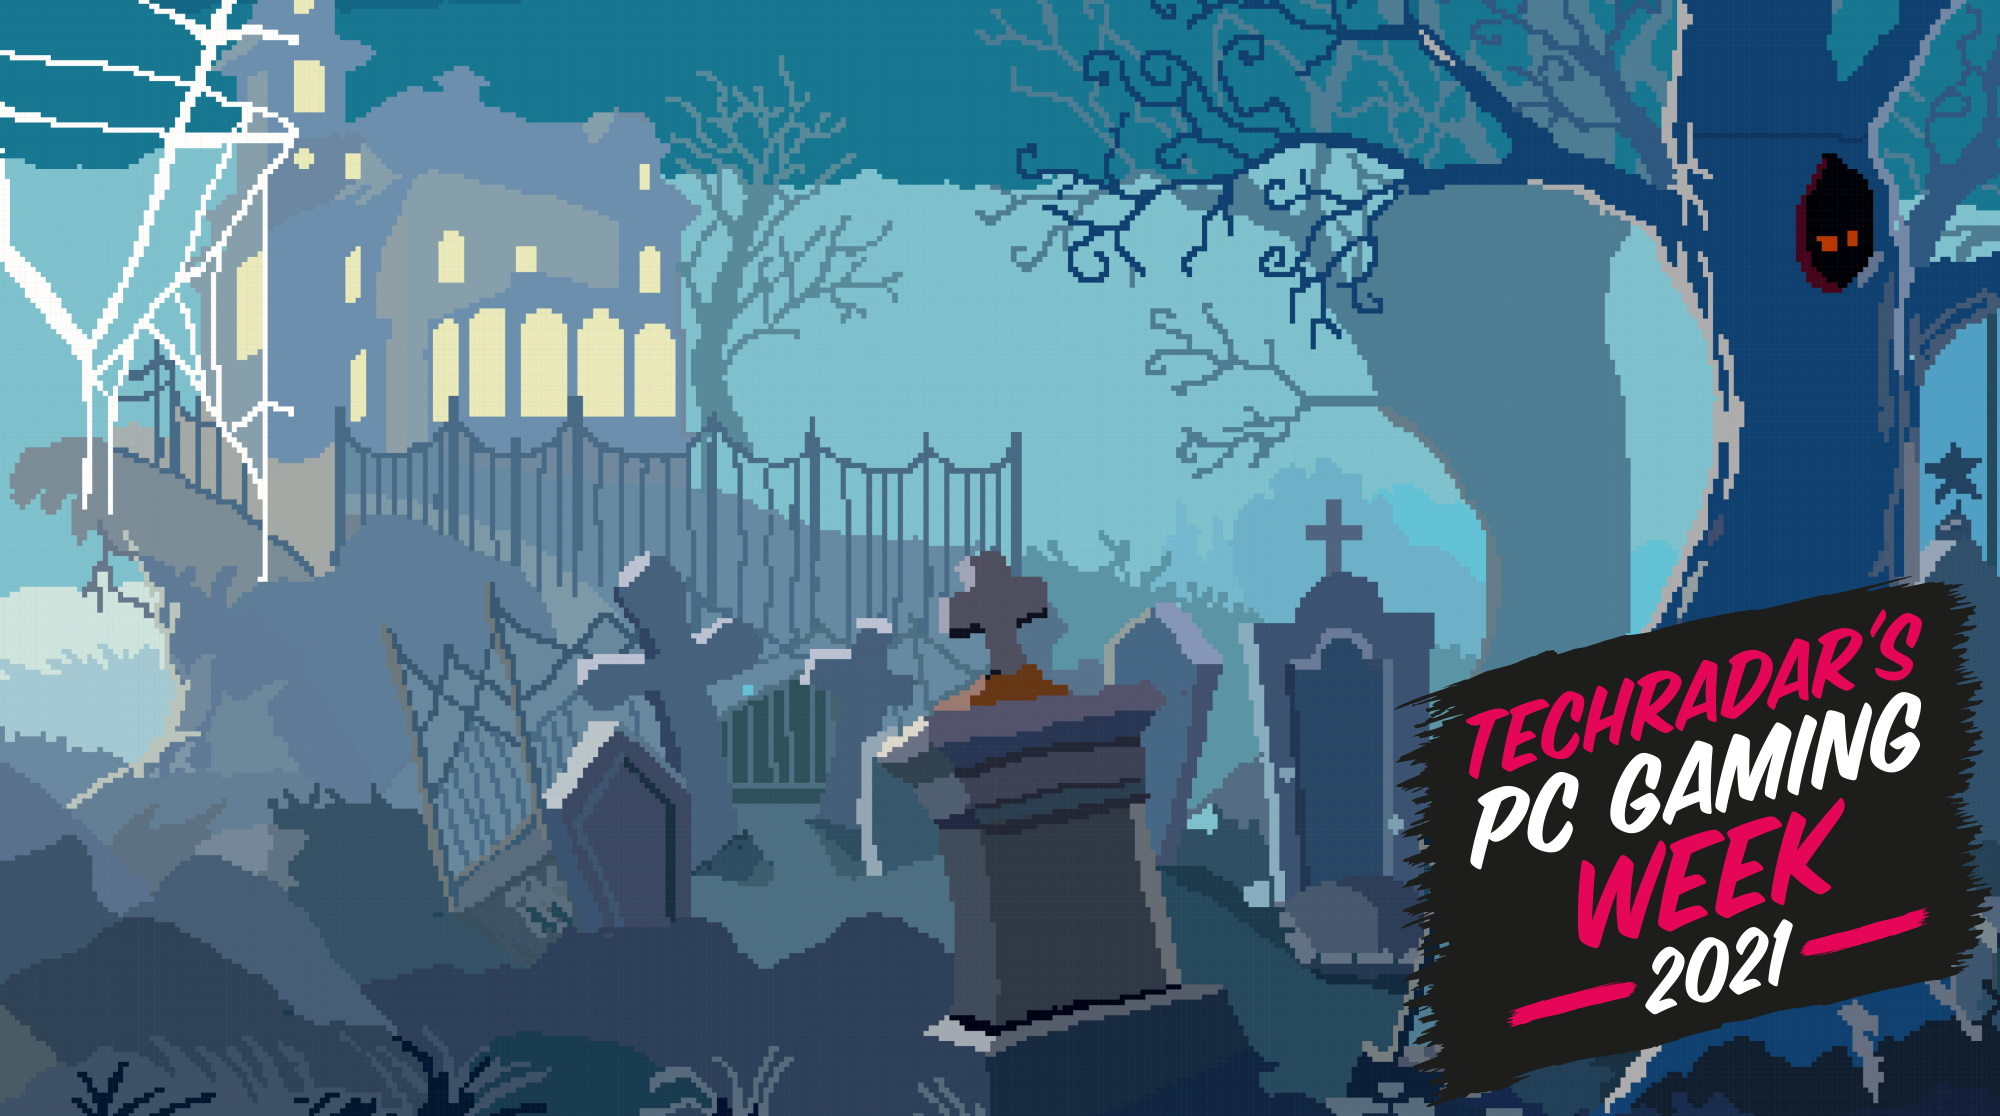 Retro pixel art representation of a graveyard